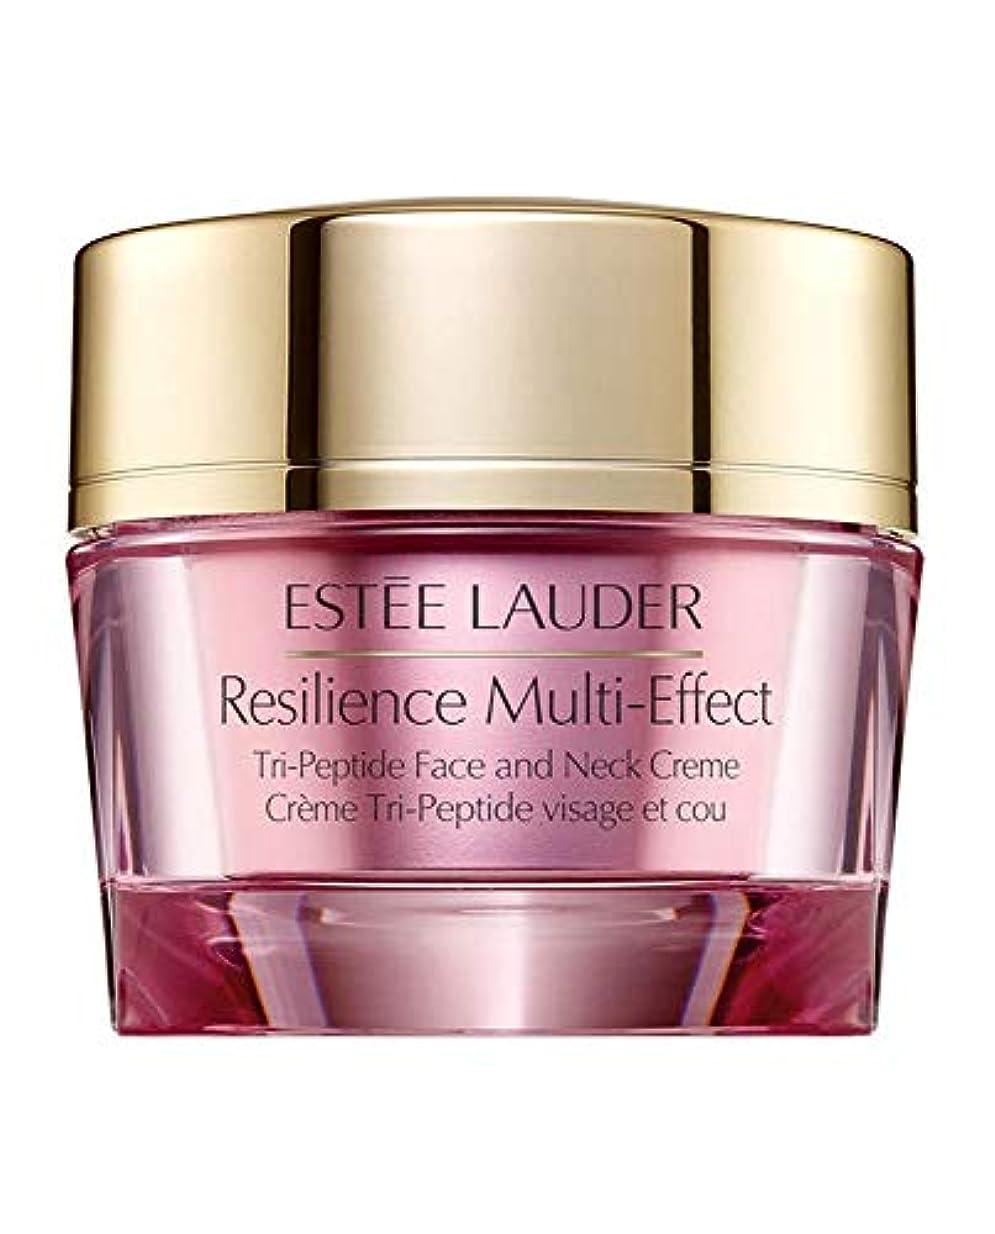 エスティローダー Resilience Multi-Effect Tri-Peptide Face and Neck Creme SPF 15 - For Normal/Combination Skin 50ml/1.7oz...